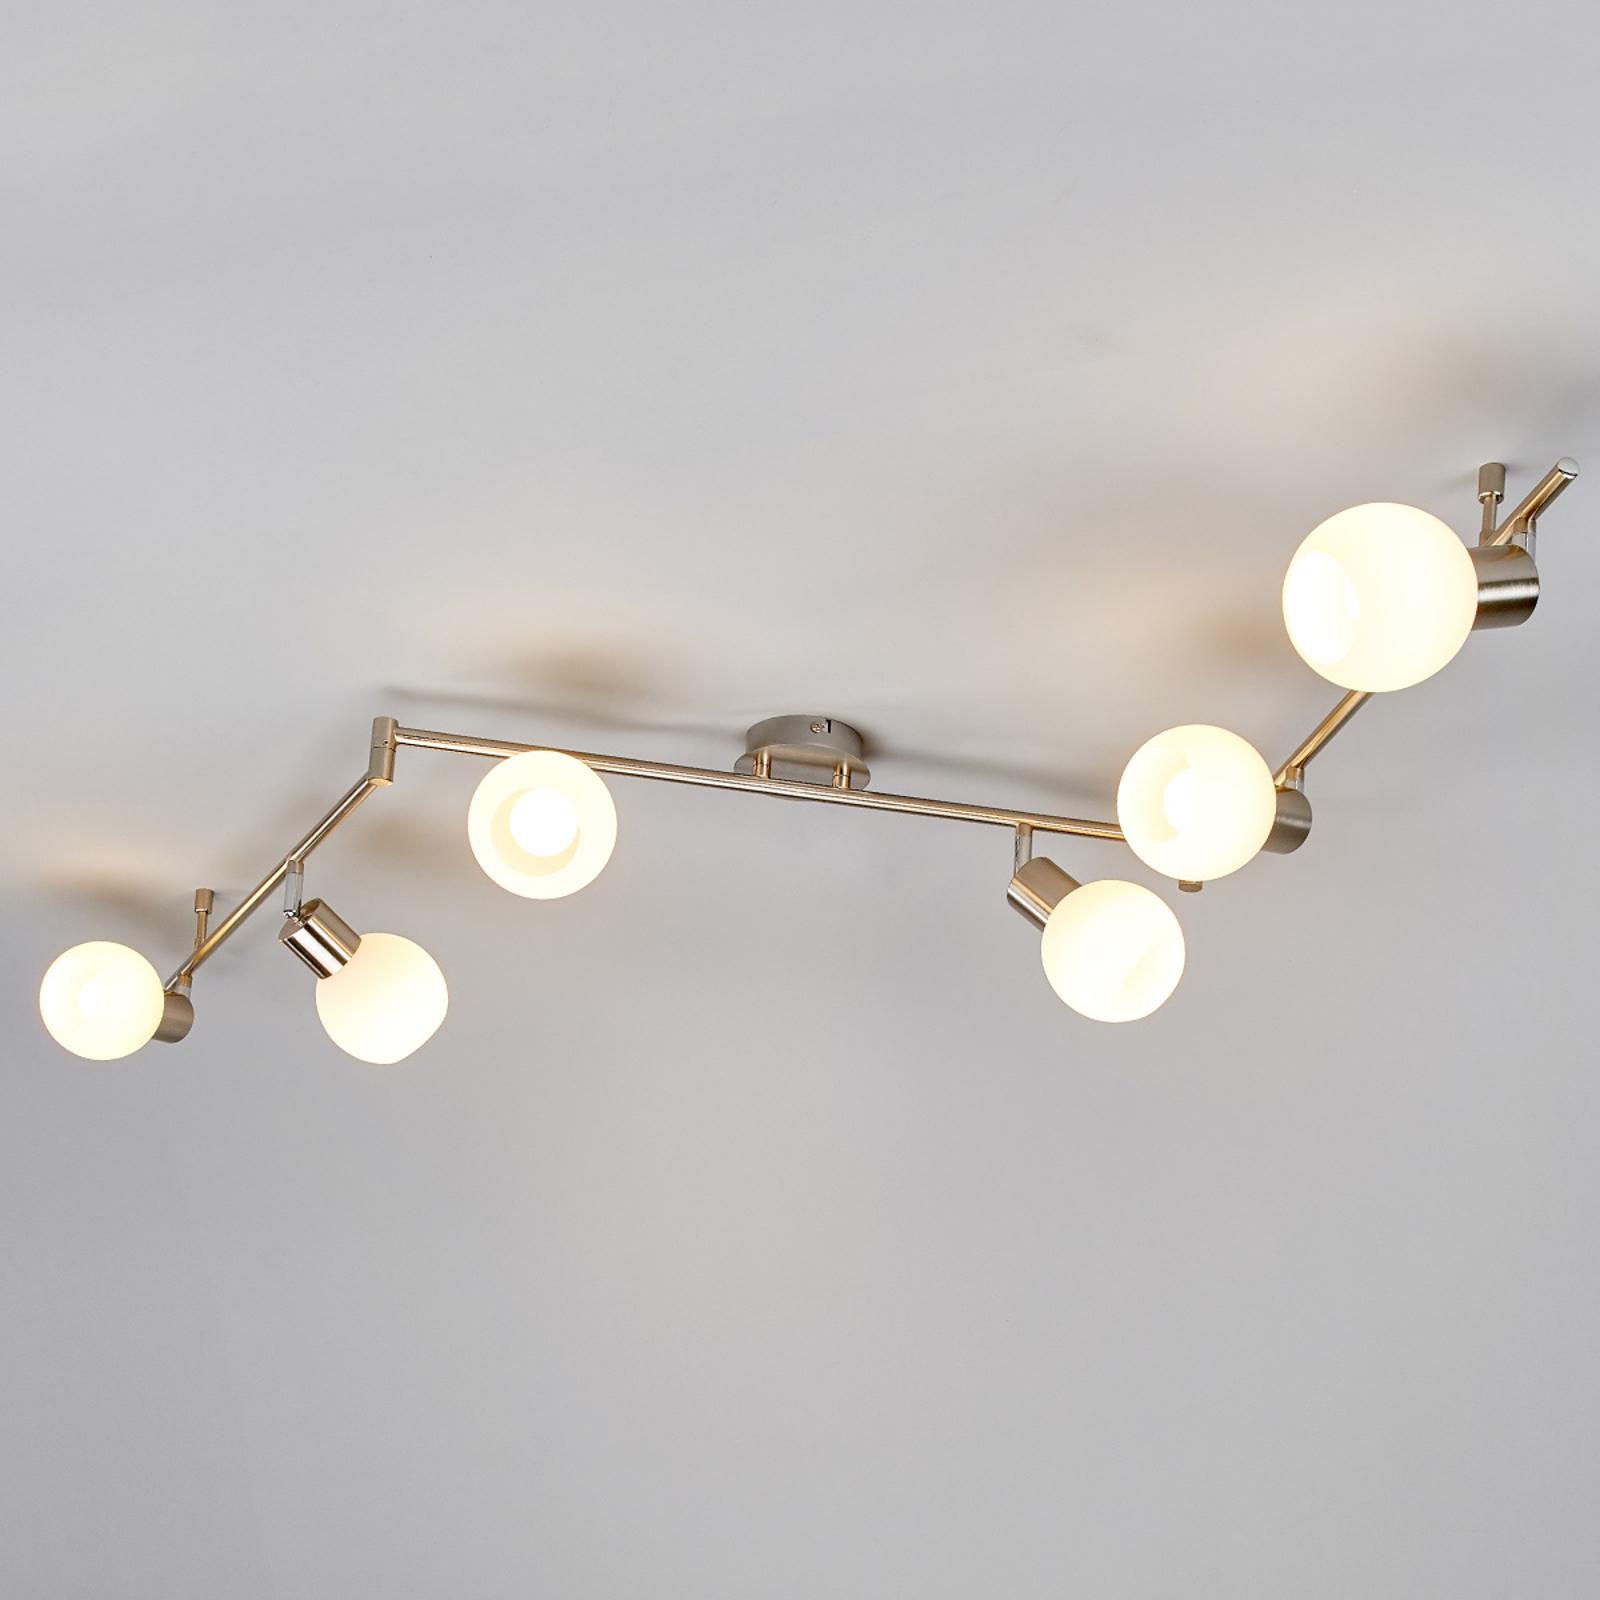 LED-taklampa Elaina i matt nickel, 6 ljuskällor